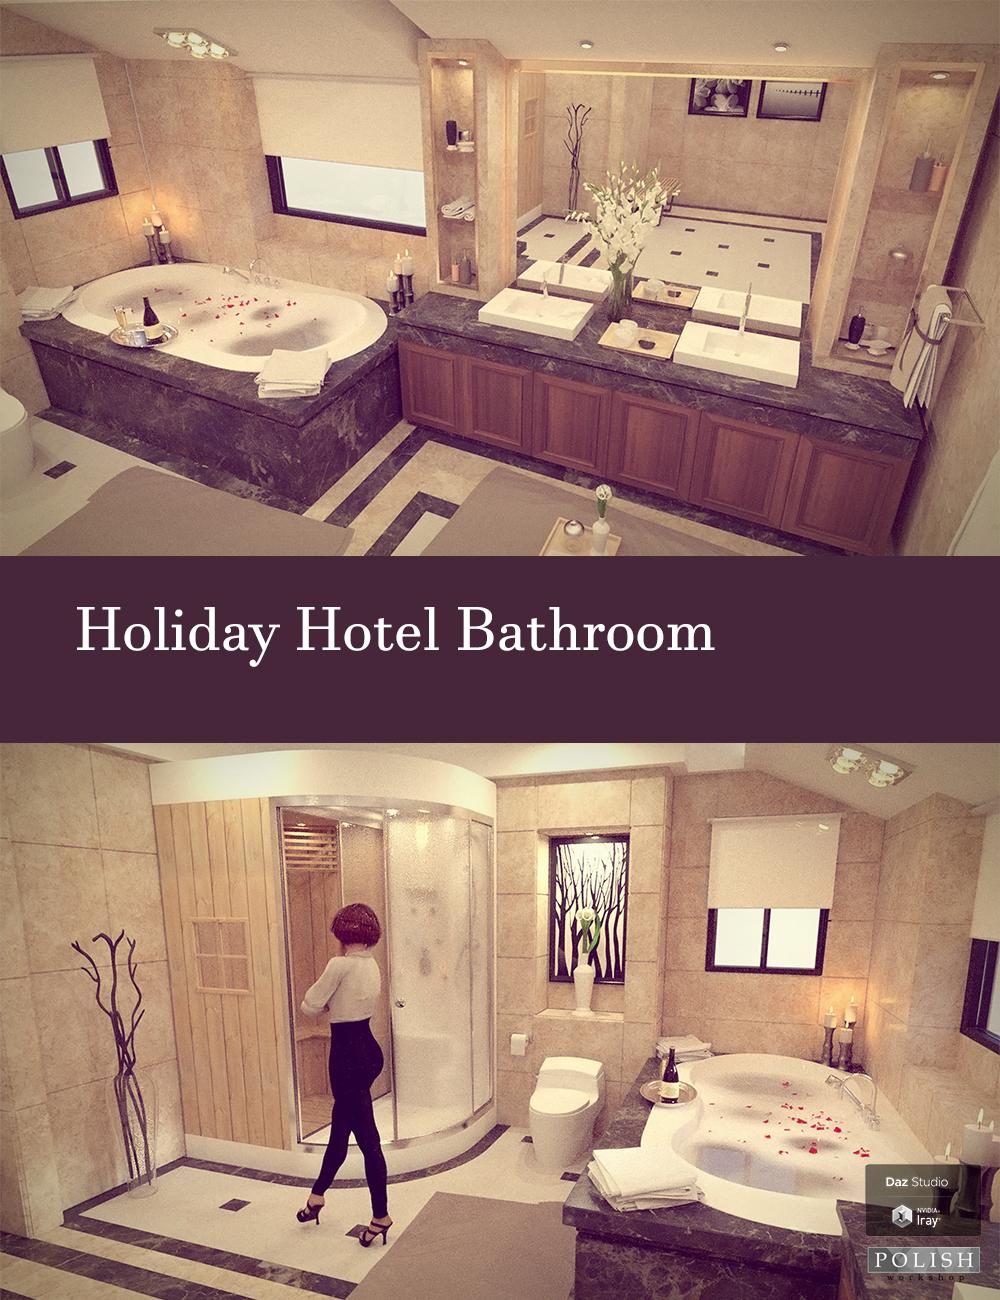 Holiday Hotel Bathroom by: Polish, 3D Models by Daz 3D